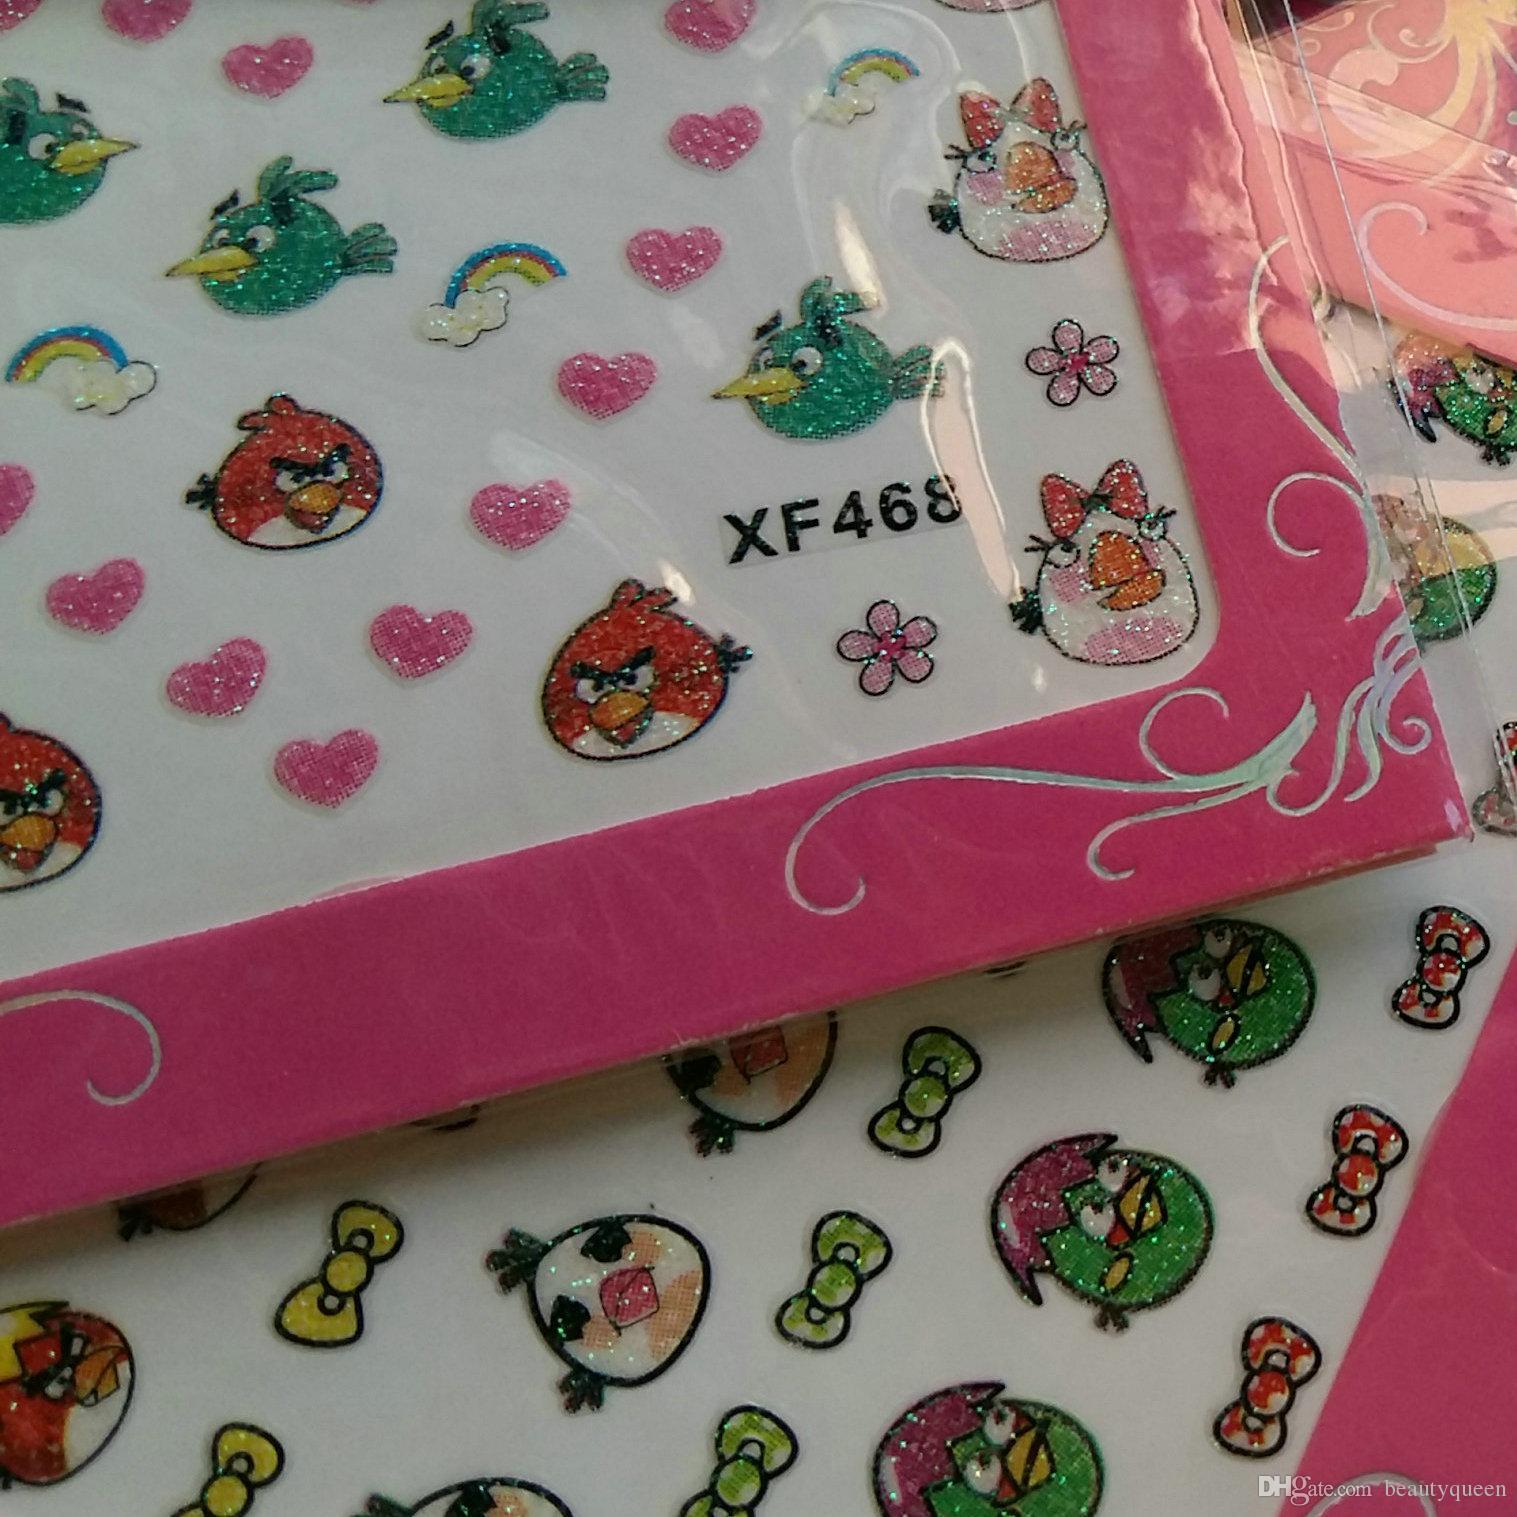 * 120 teile / los * 24 stil Anime Cartoon Nail art Aufkleber Vogel Vögel Spiel Nette Designs Nagel Transfer Aufkleber Aufkleber 3D Spitze Tipps Glitter Dekoration